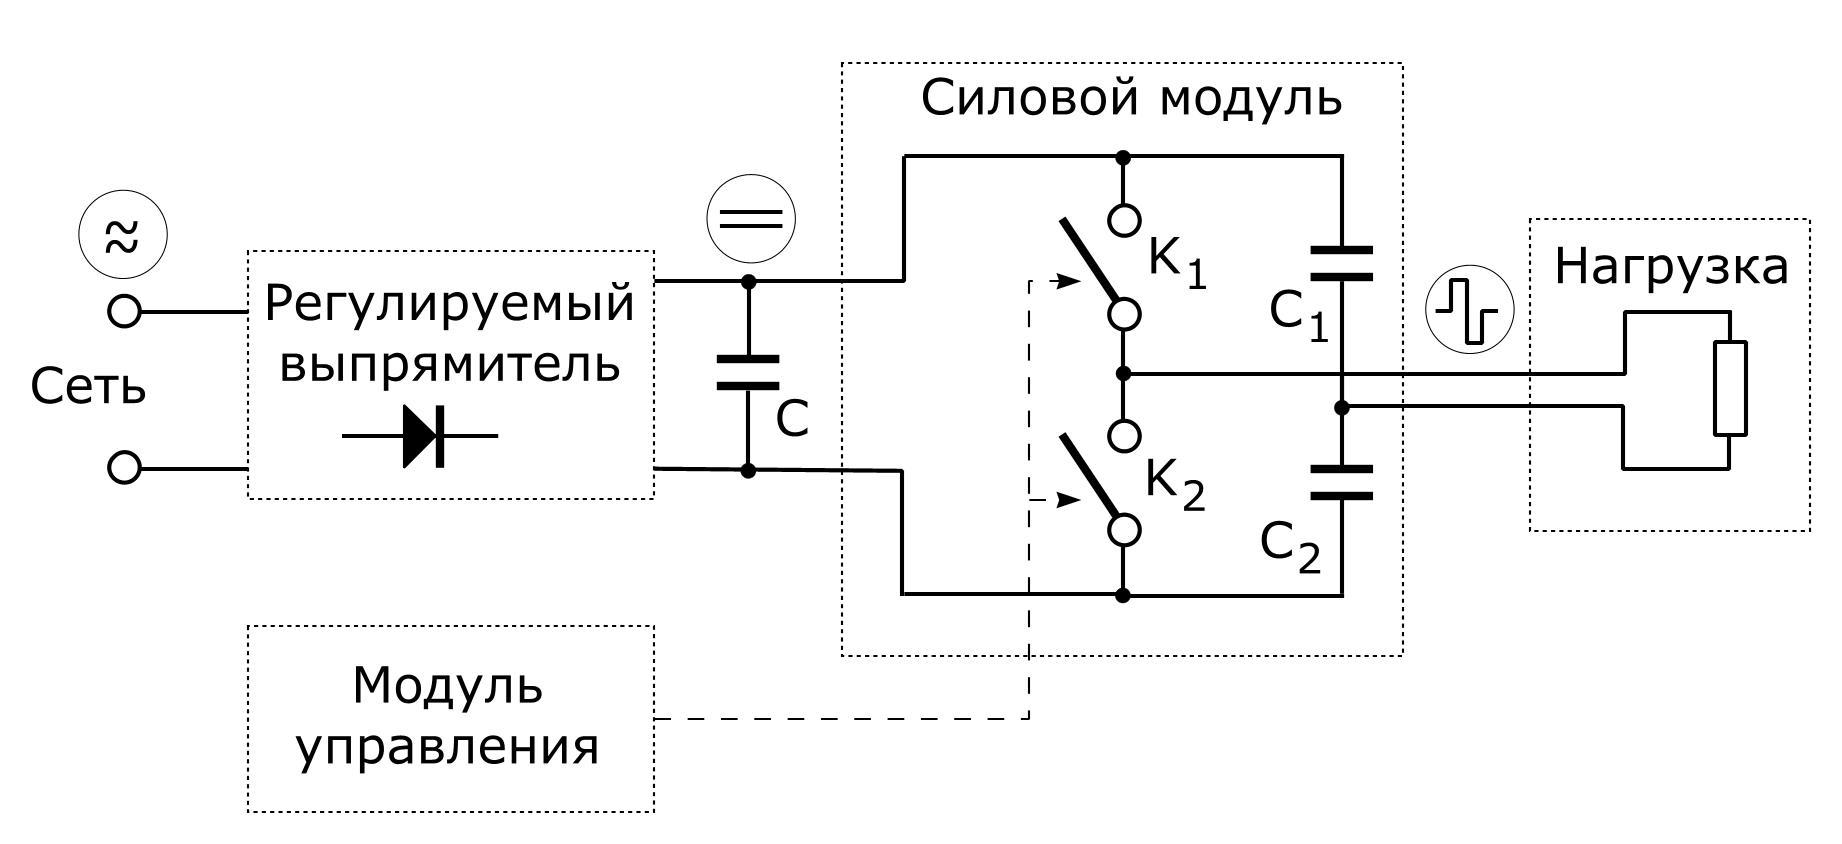 Принцип работы инверторного сварочного аппарата схема